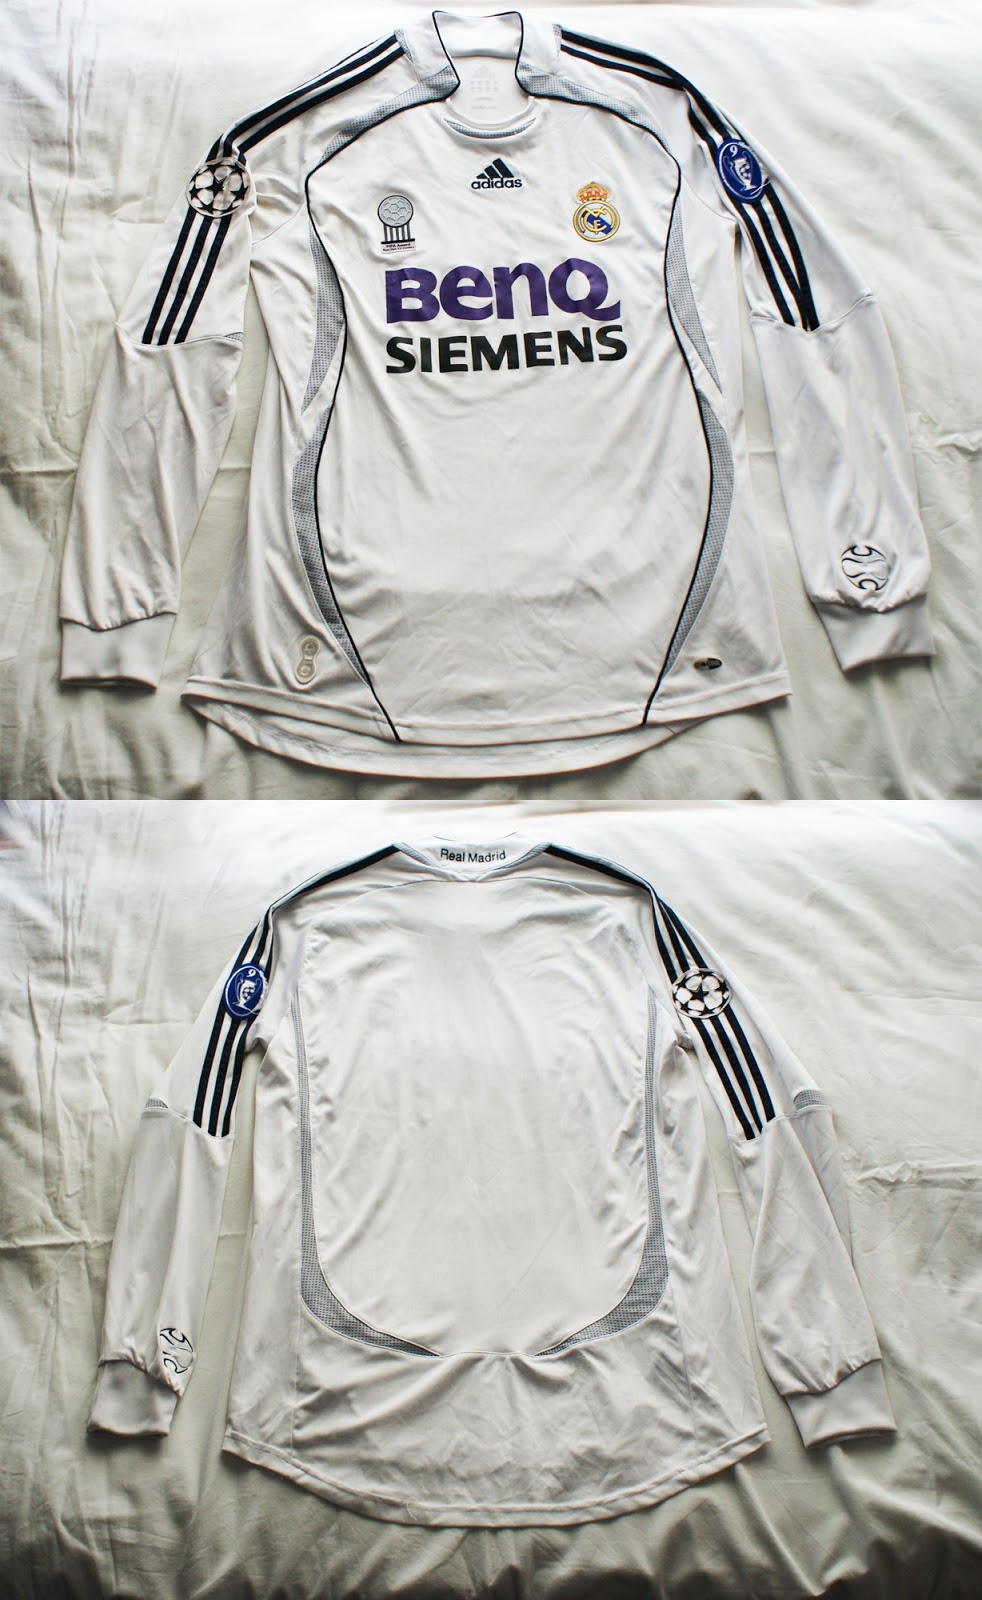 1º Camiseta Real Madrid 2006 2007 f7d3f0054e1e0